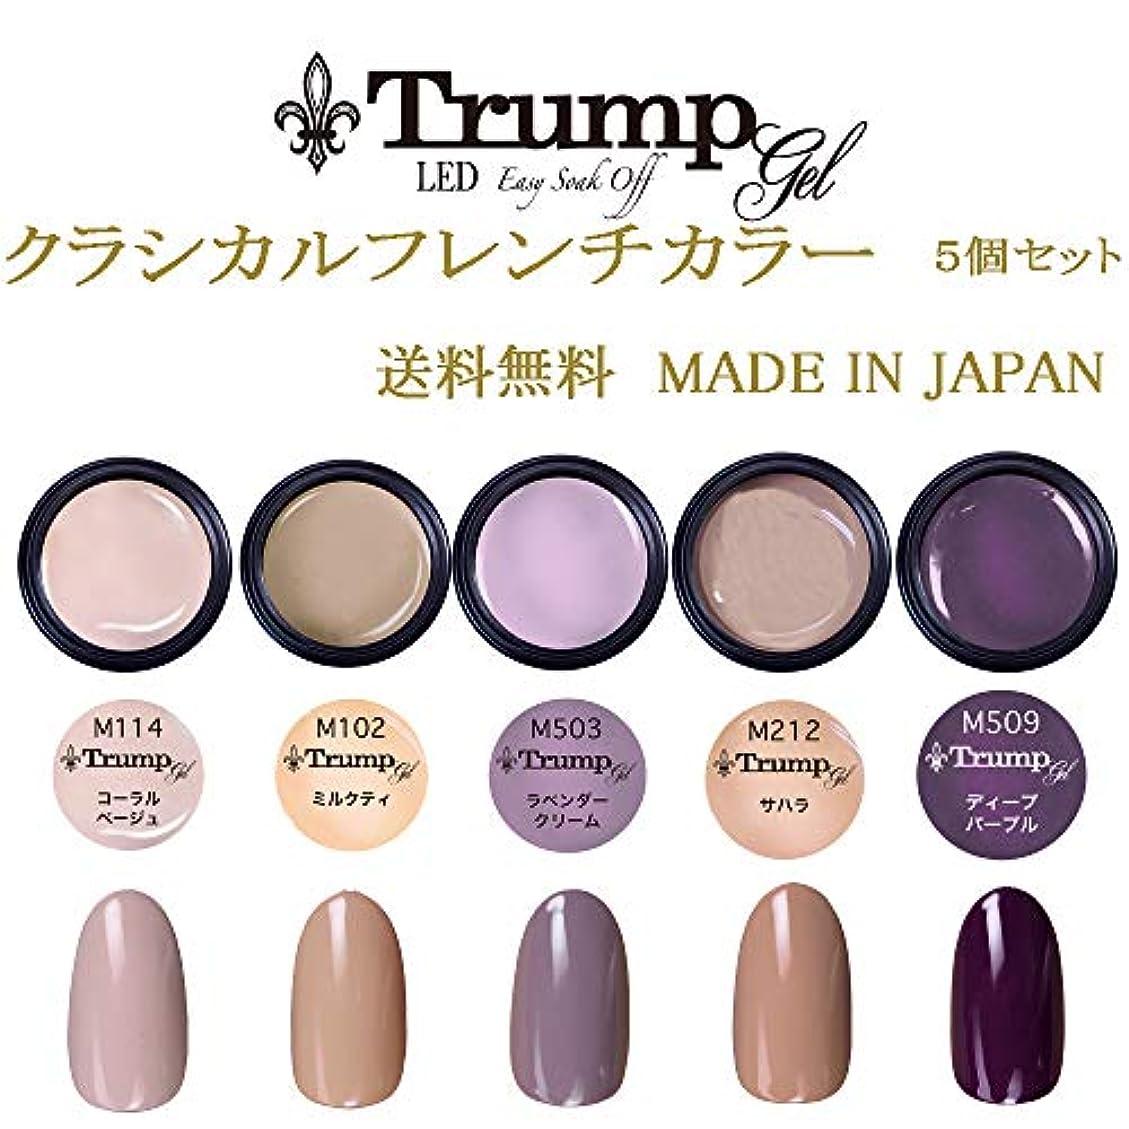 地平線パース花輪【送料無料】日本製 Trump gel トランプジェル クラシカルフレンチカラージェル 5個セット スタイリッシュでオシャレな 白べっ甲カラージェルセット